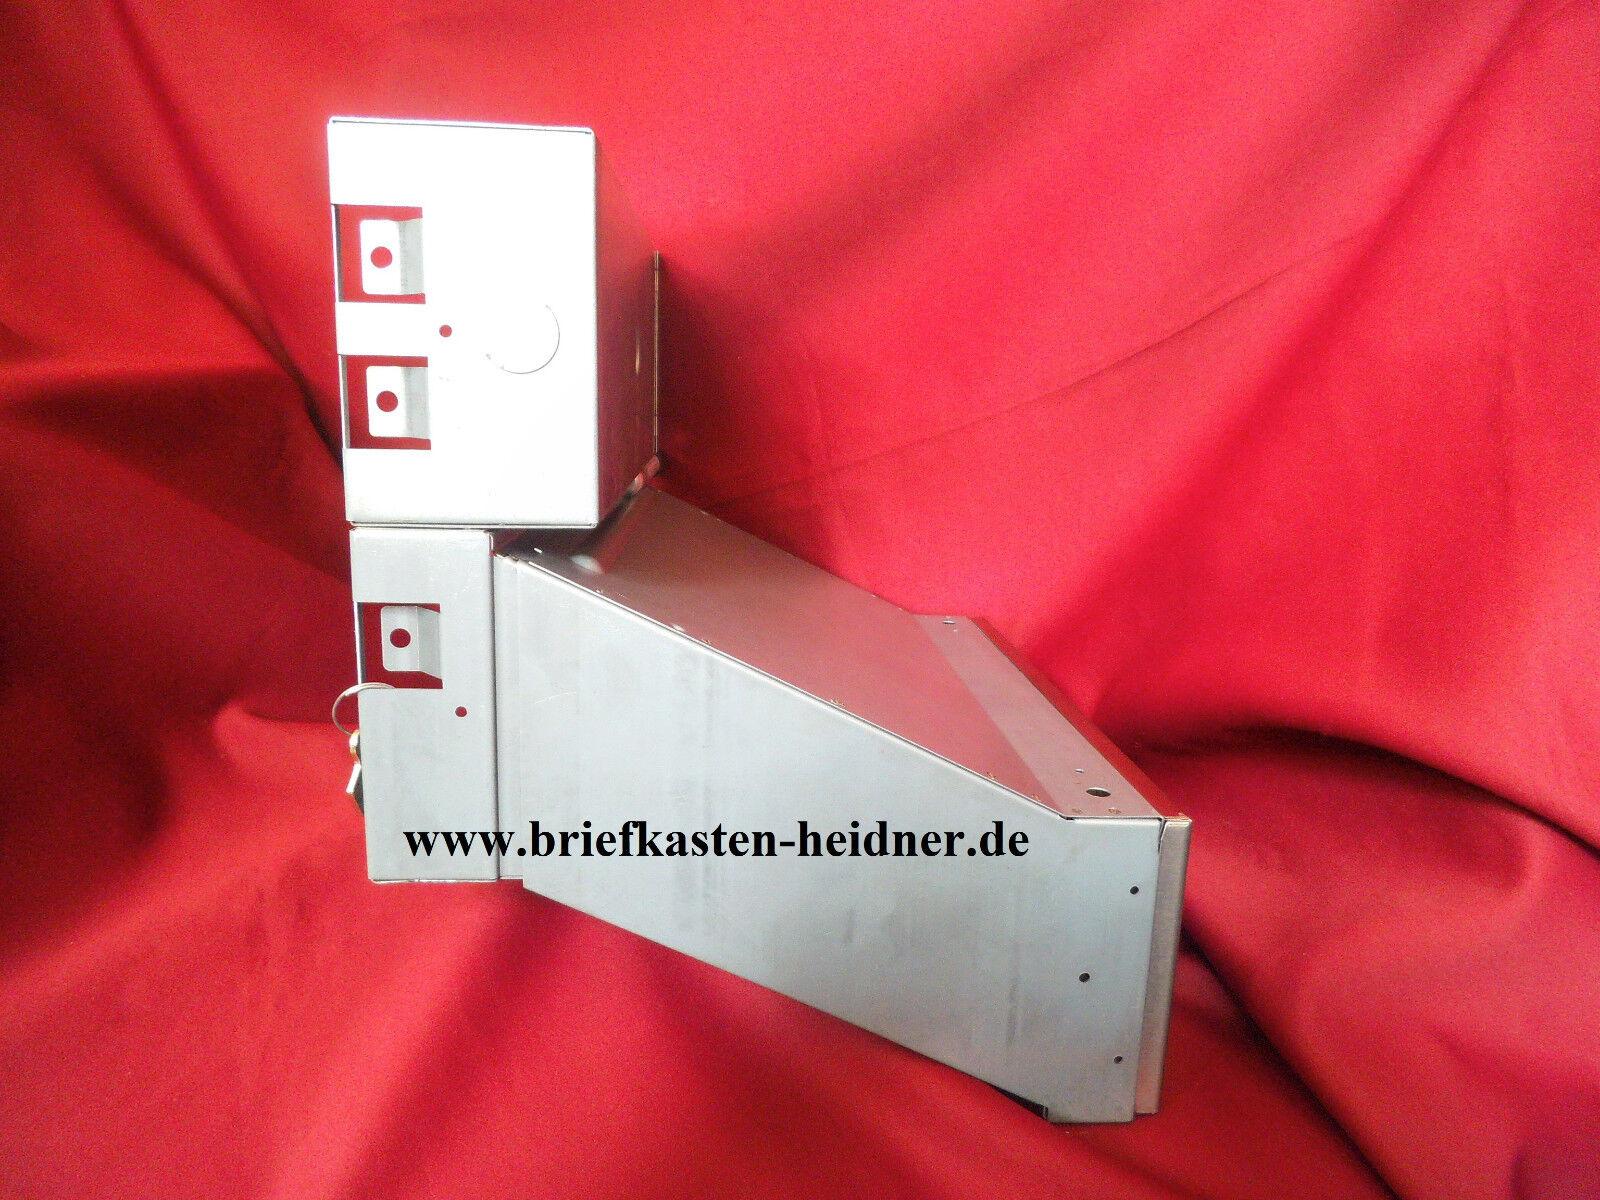 Renz Mauerdurchwurf Briefkasten 1 tlg. Durchwurf 300 mm Funktionskasten KBH04